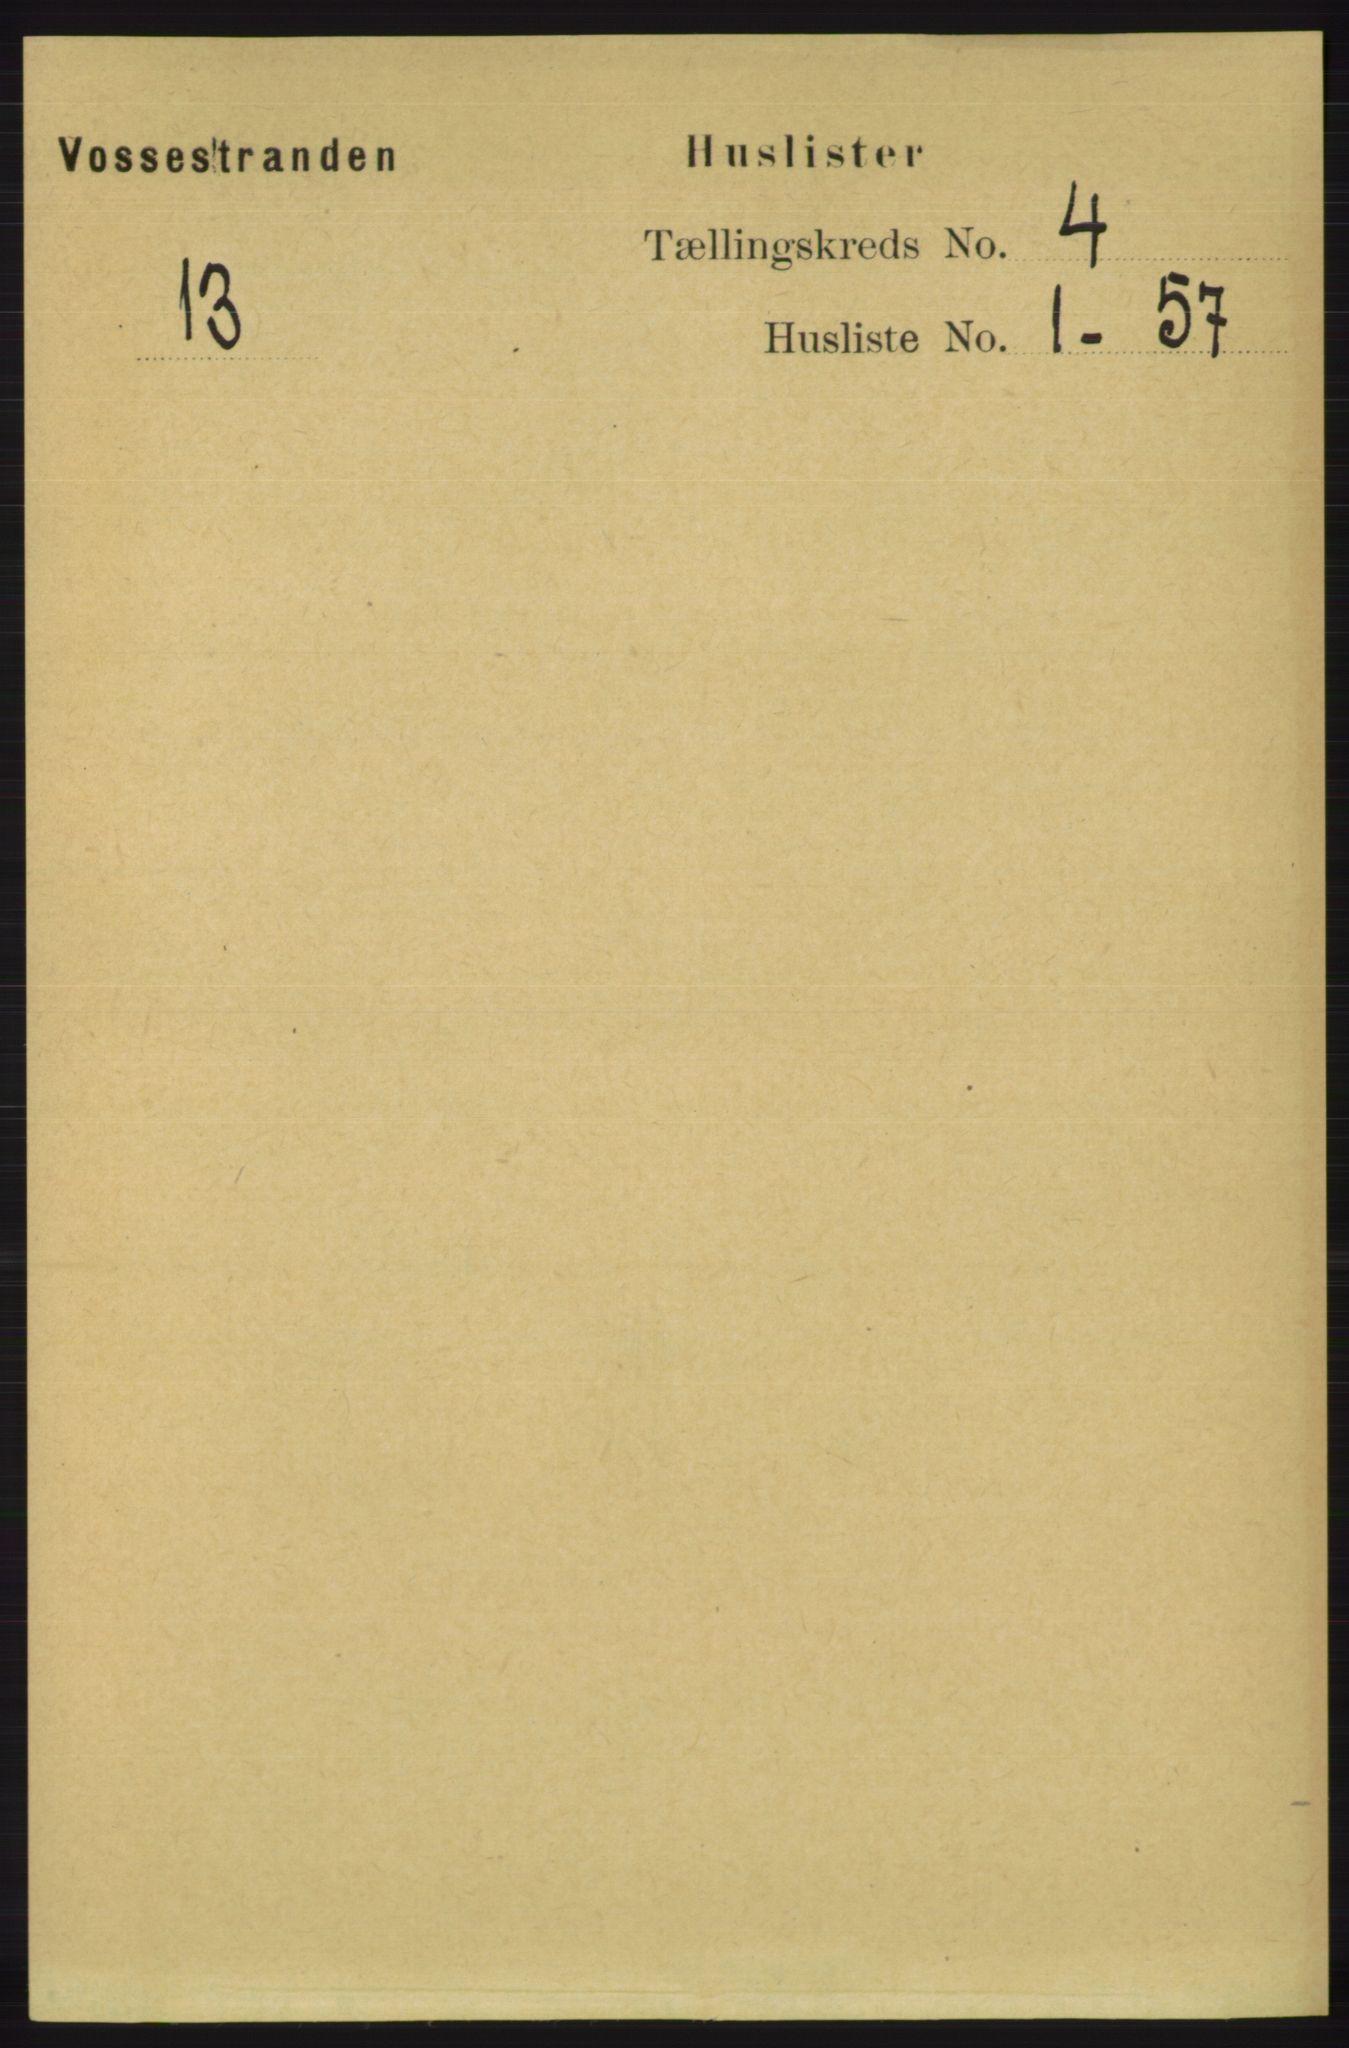 RA, Folketelling 1891 for 1236 Vossestrand herred, 1891, s. 1466